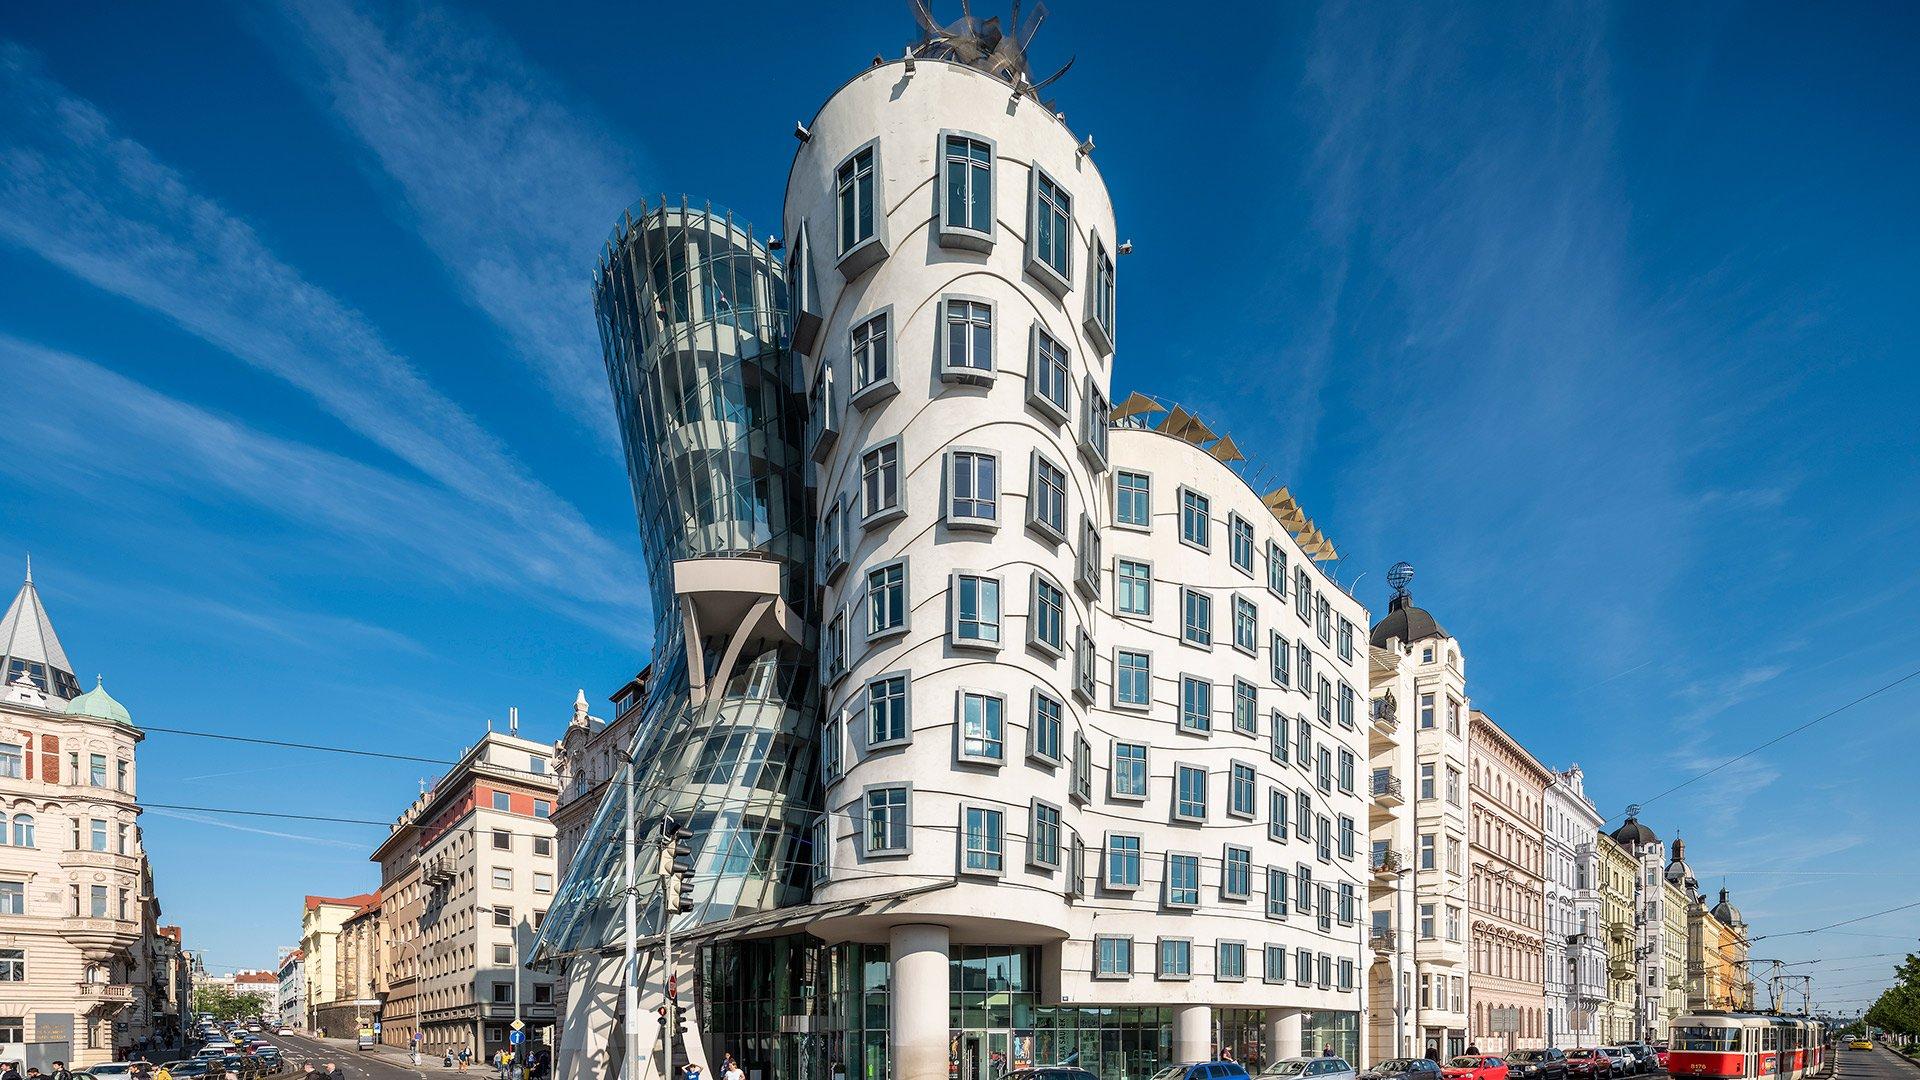 Tančící dům se stal devátou nejkrásnější stavbou světa. Může za to jeho zlatý řez